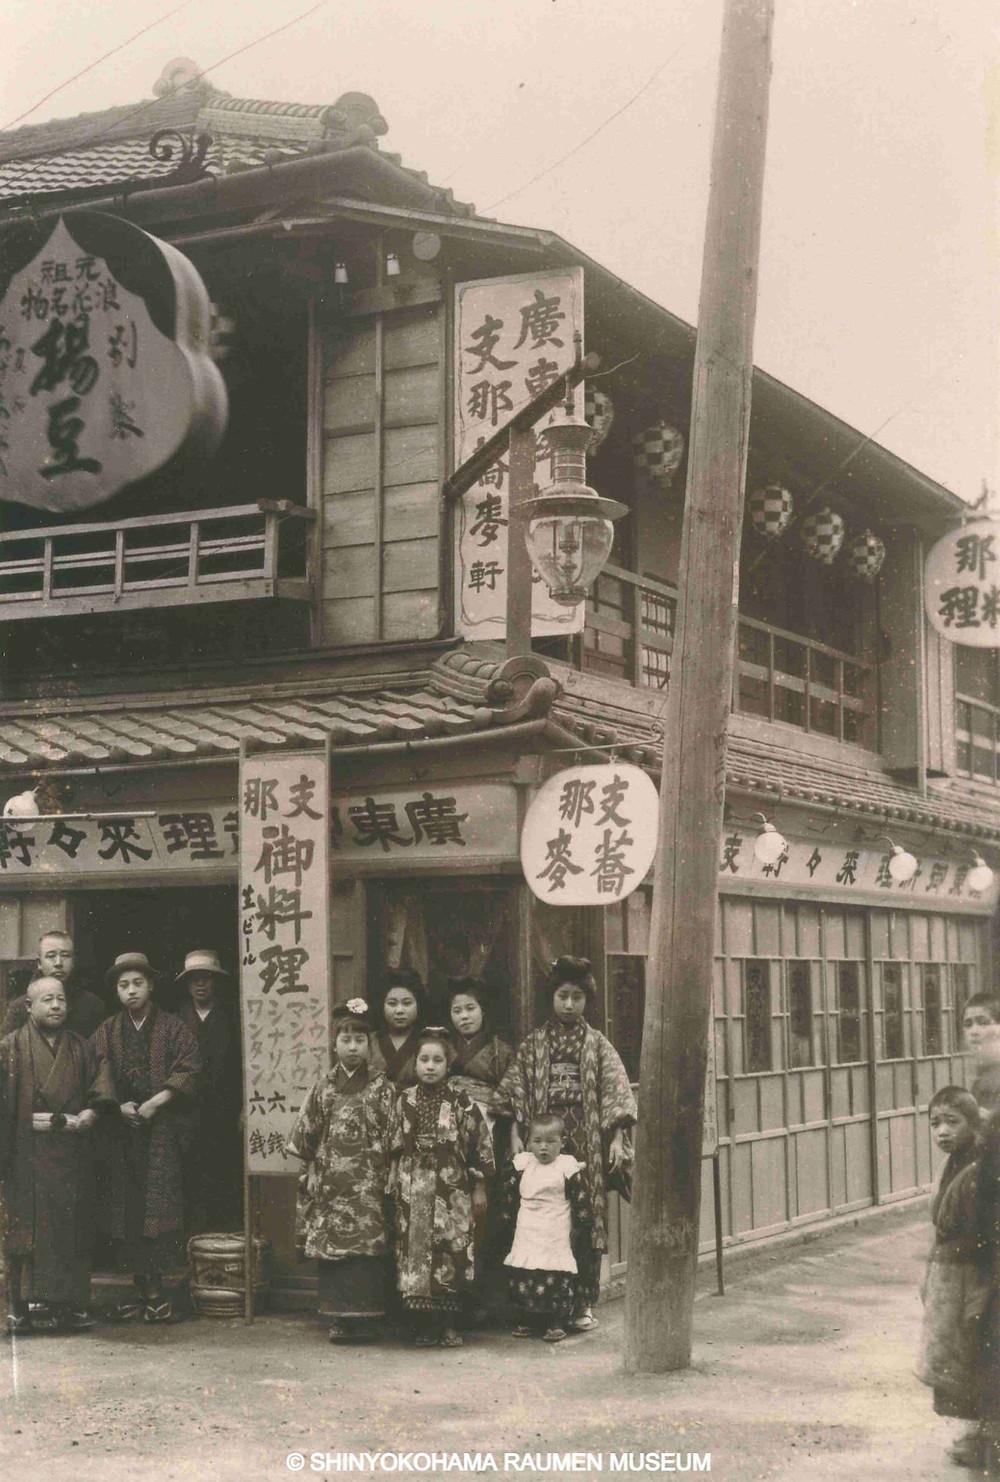 Le restaurant Rairaiken 来々軒 d'Asakusa 浅草 à Tôkyô 東京, à la fin l'ère Meiji  明治時代 (1868 - 1912)